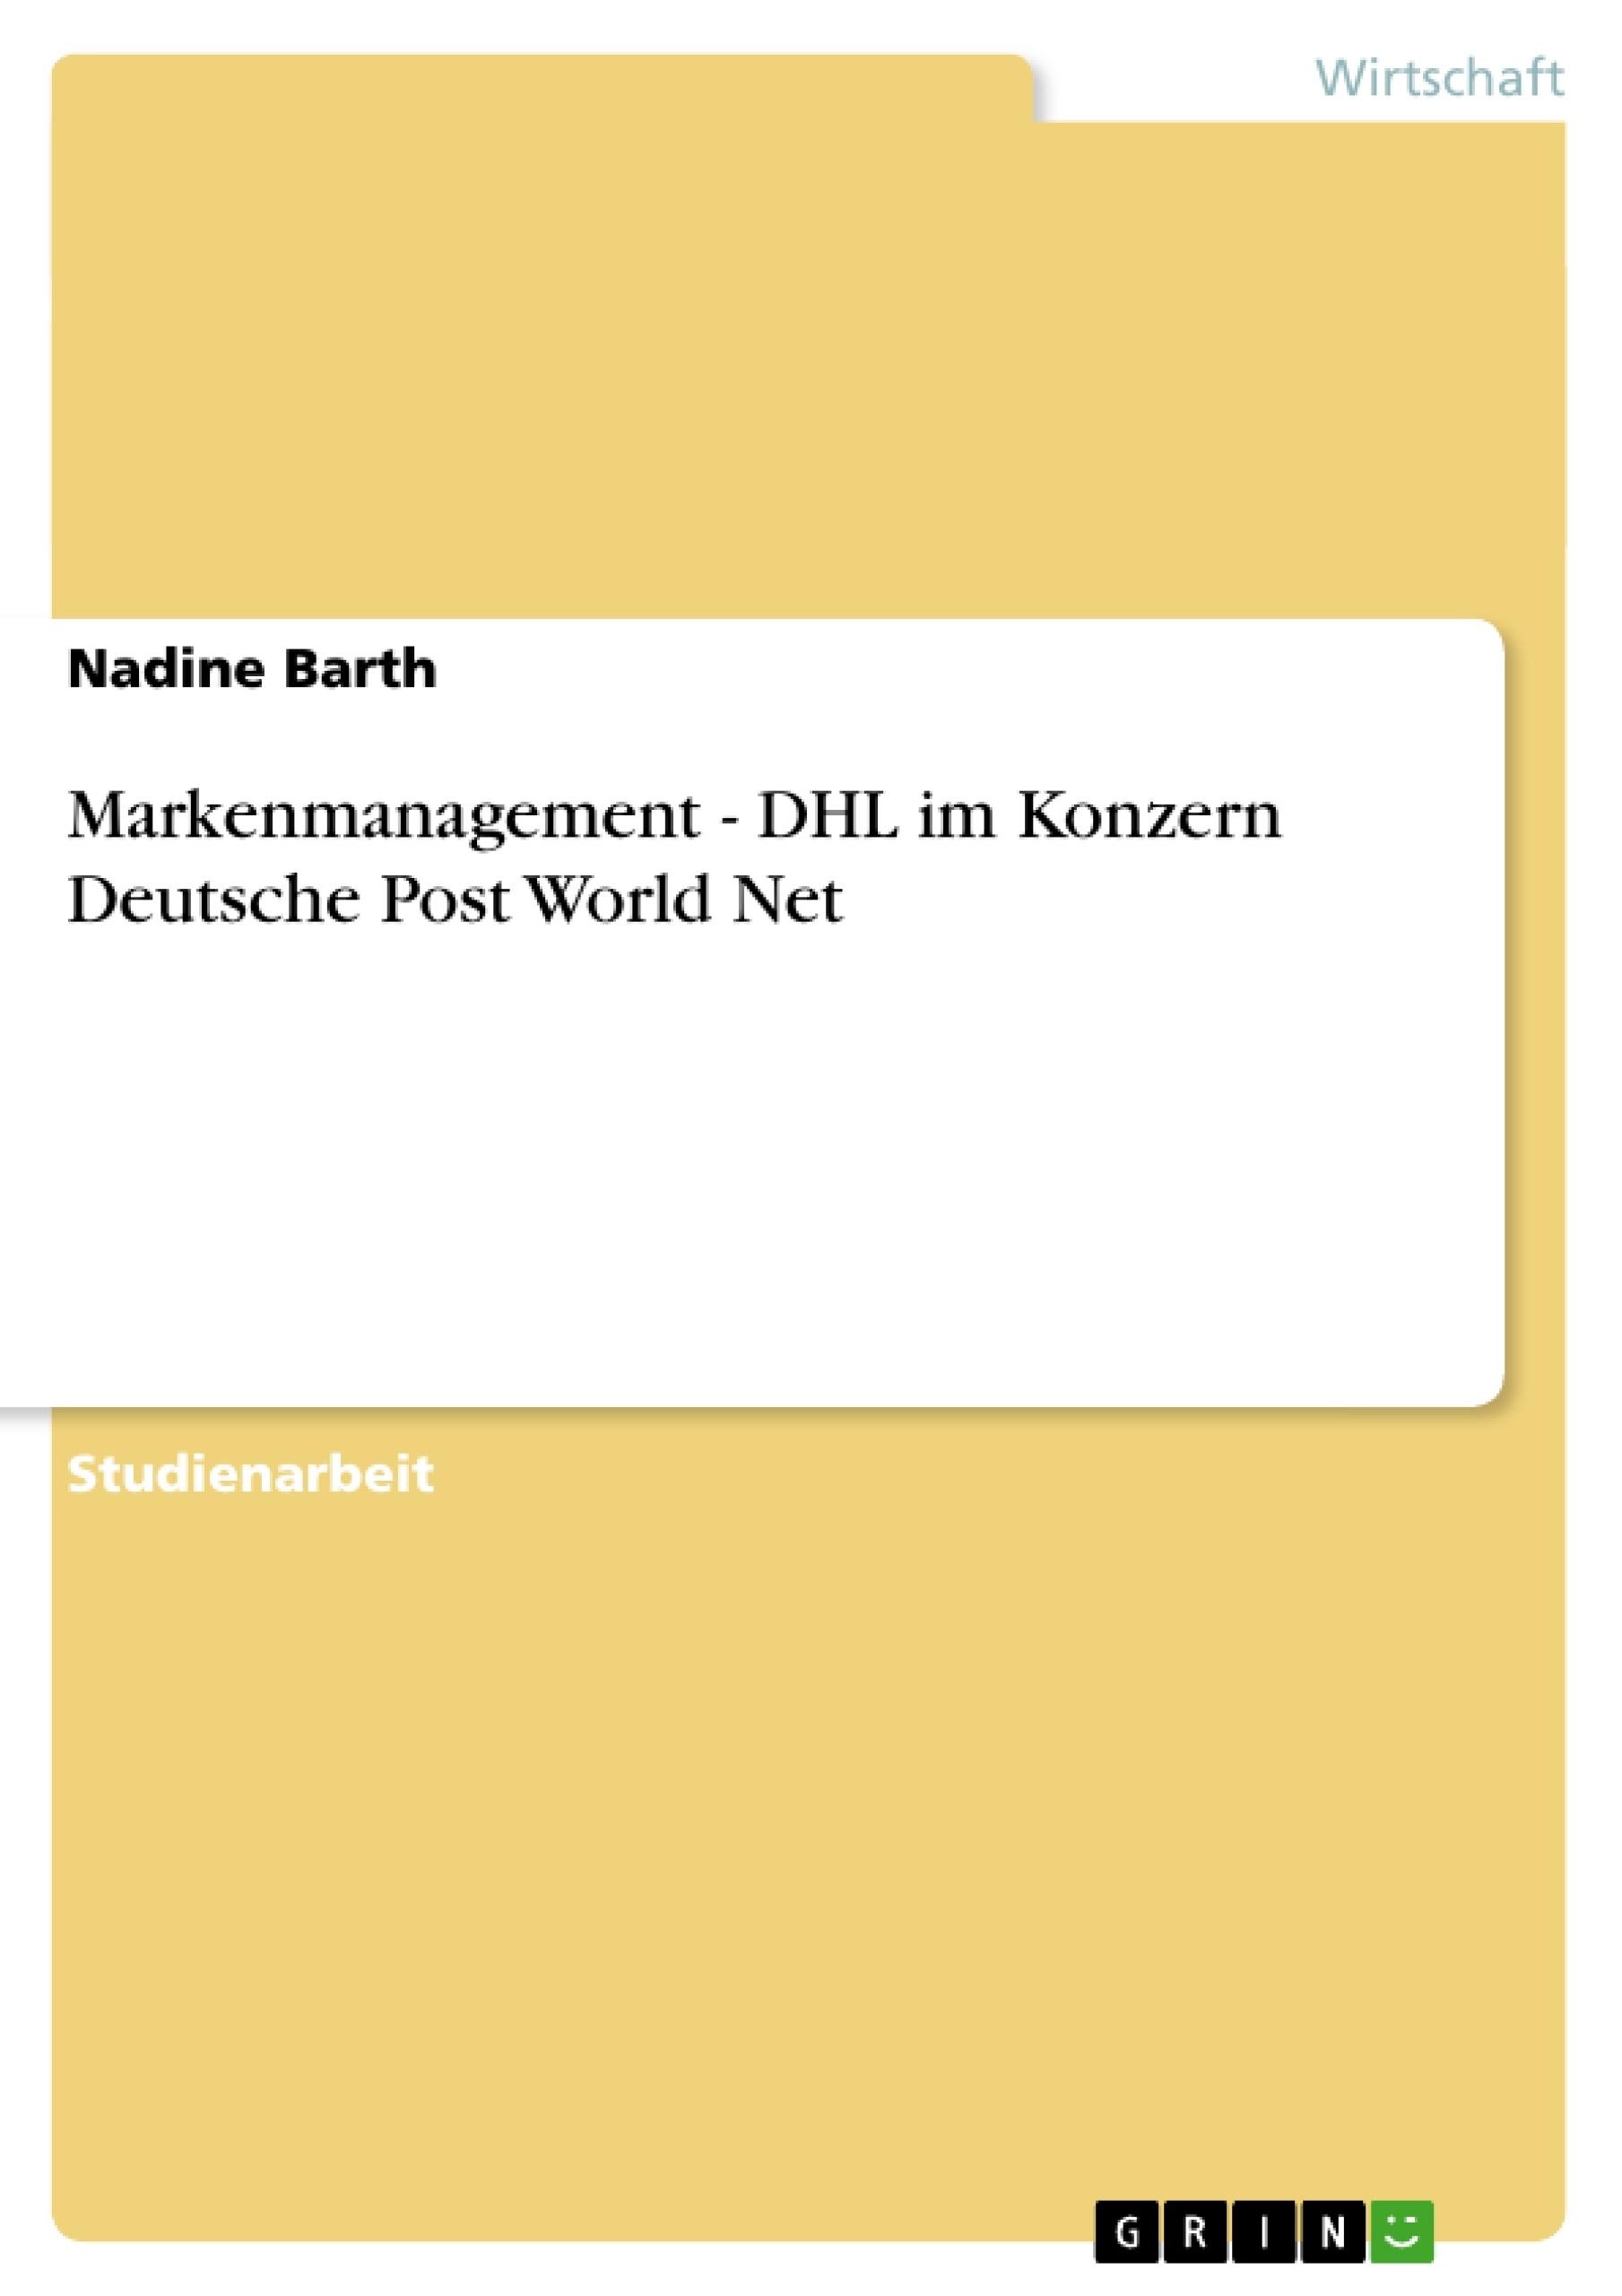 Titel: Markenmanagement - DHL im Konzern Deutsche Post World Net